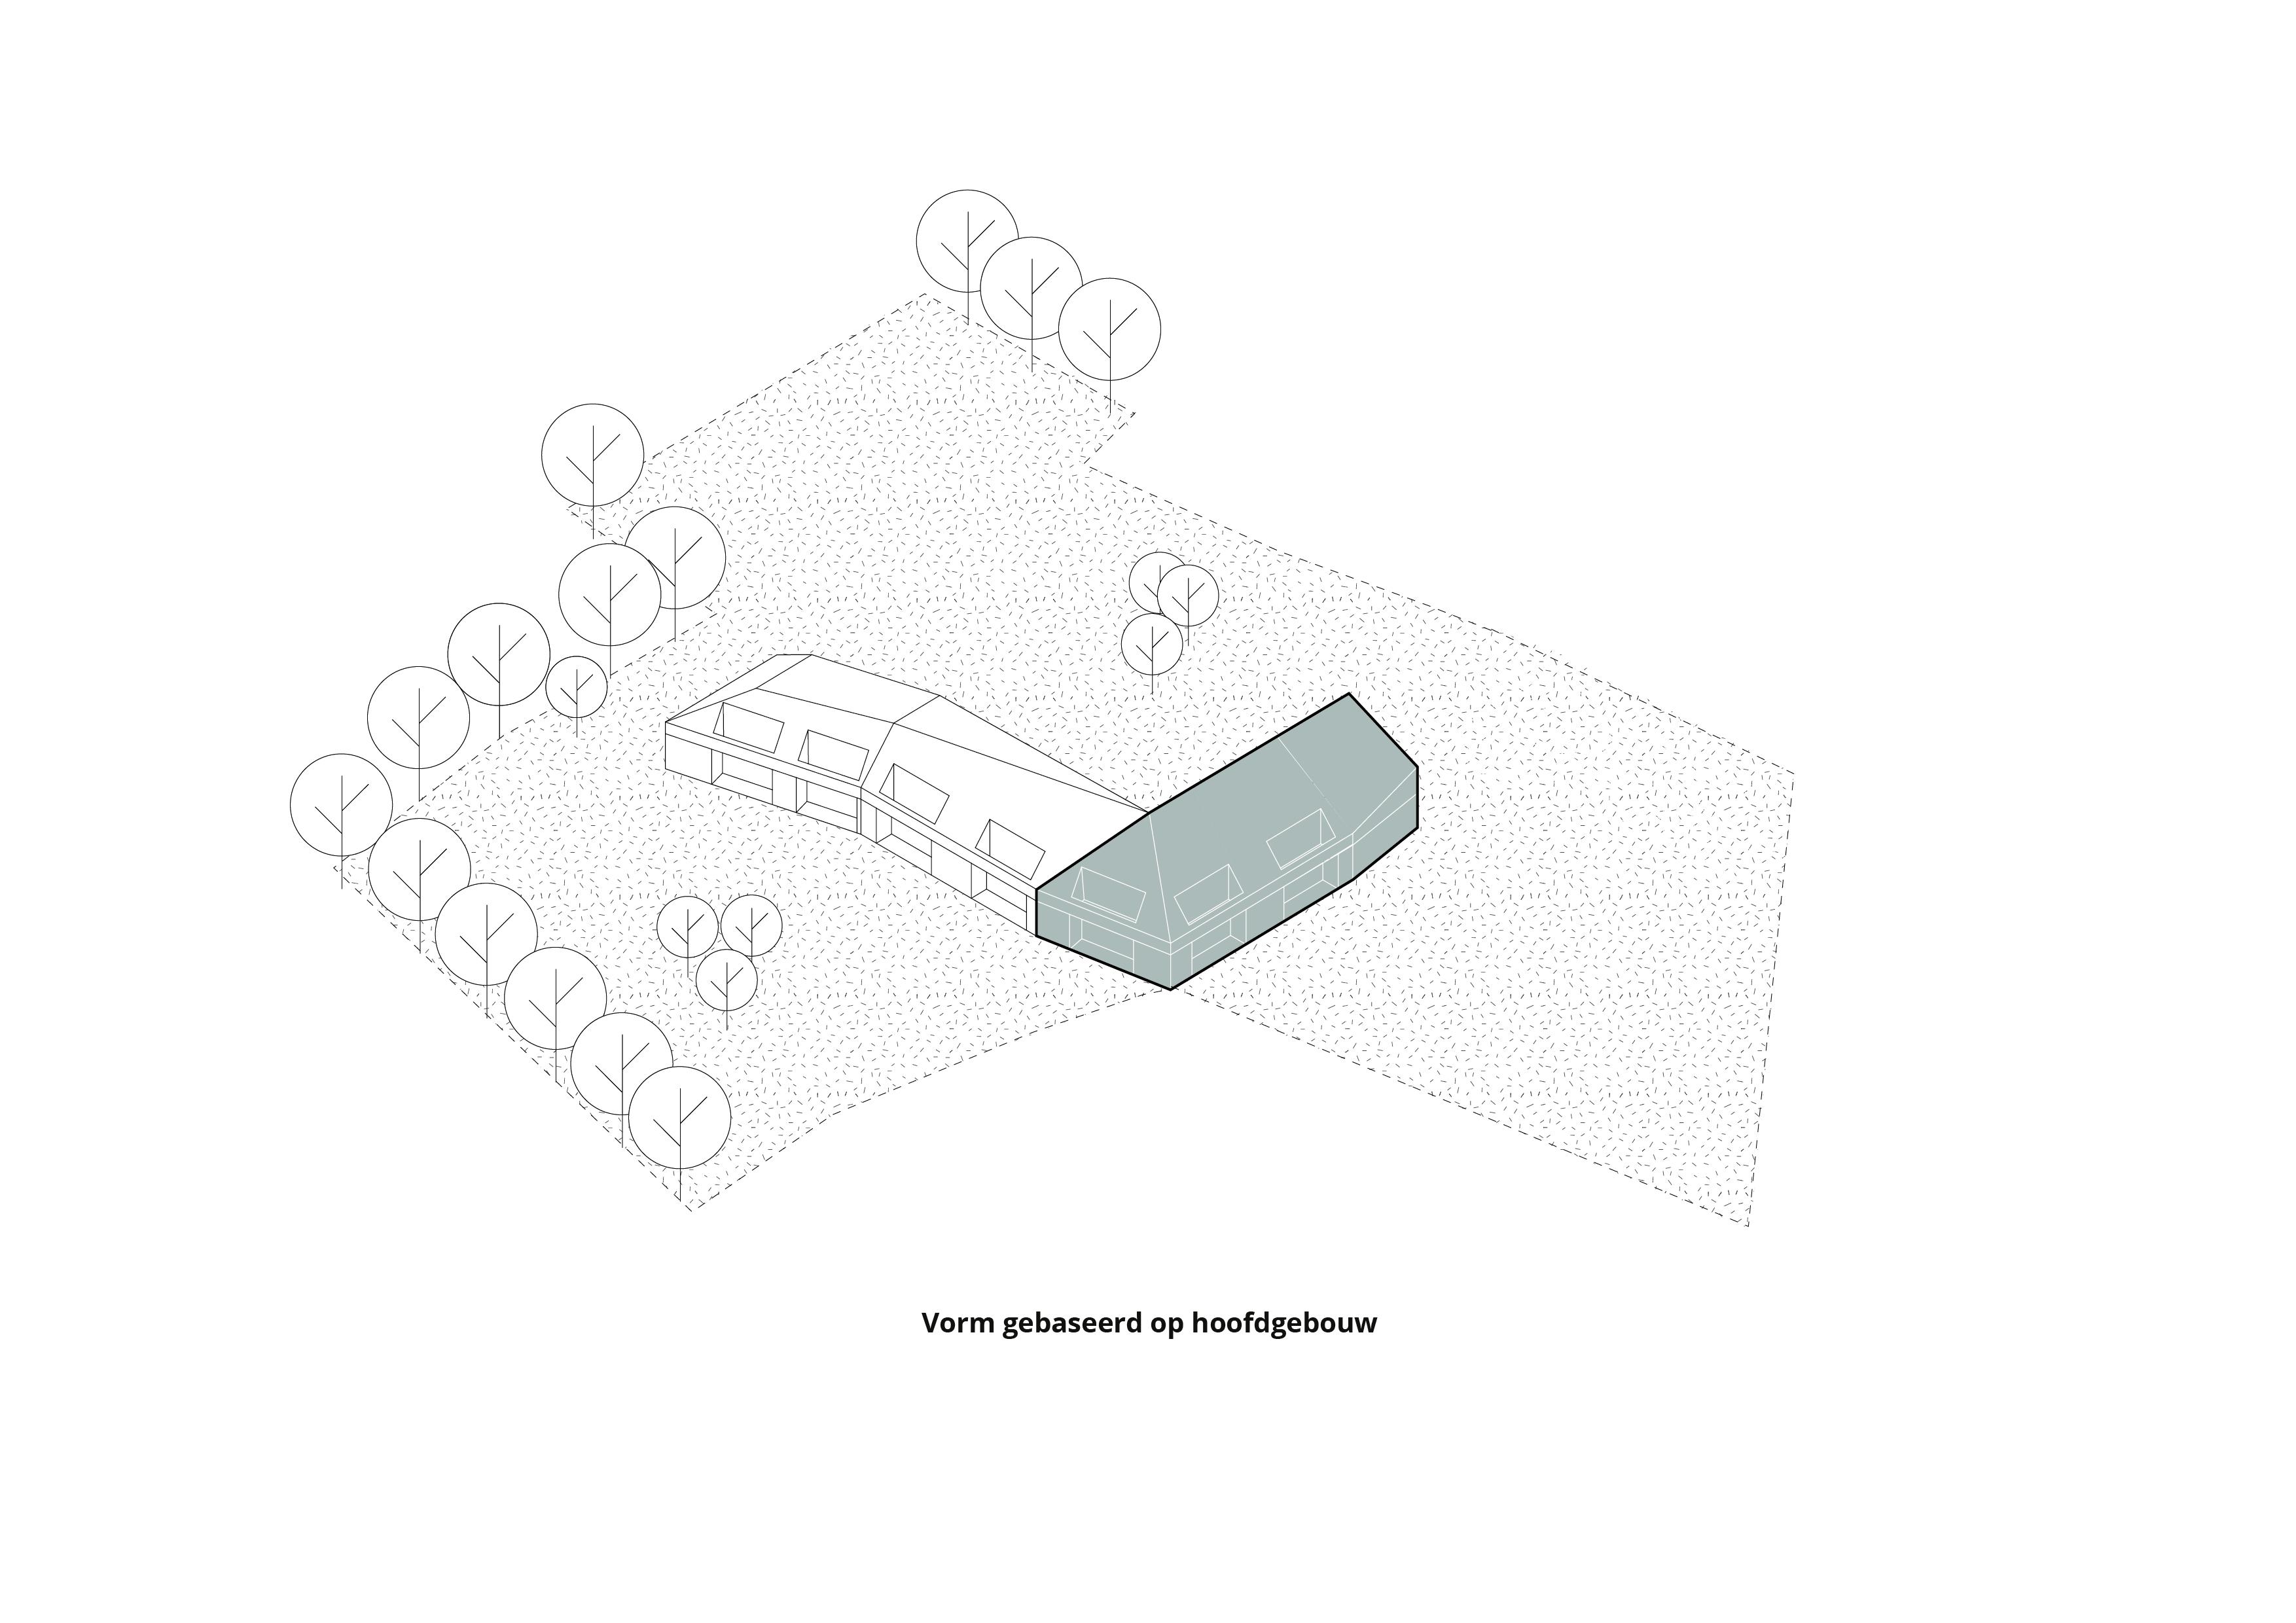 De Akker Oosterend – Volume opbouw